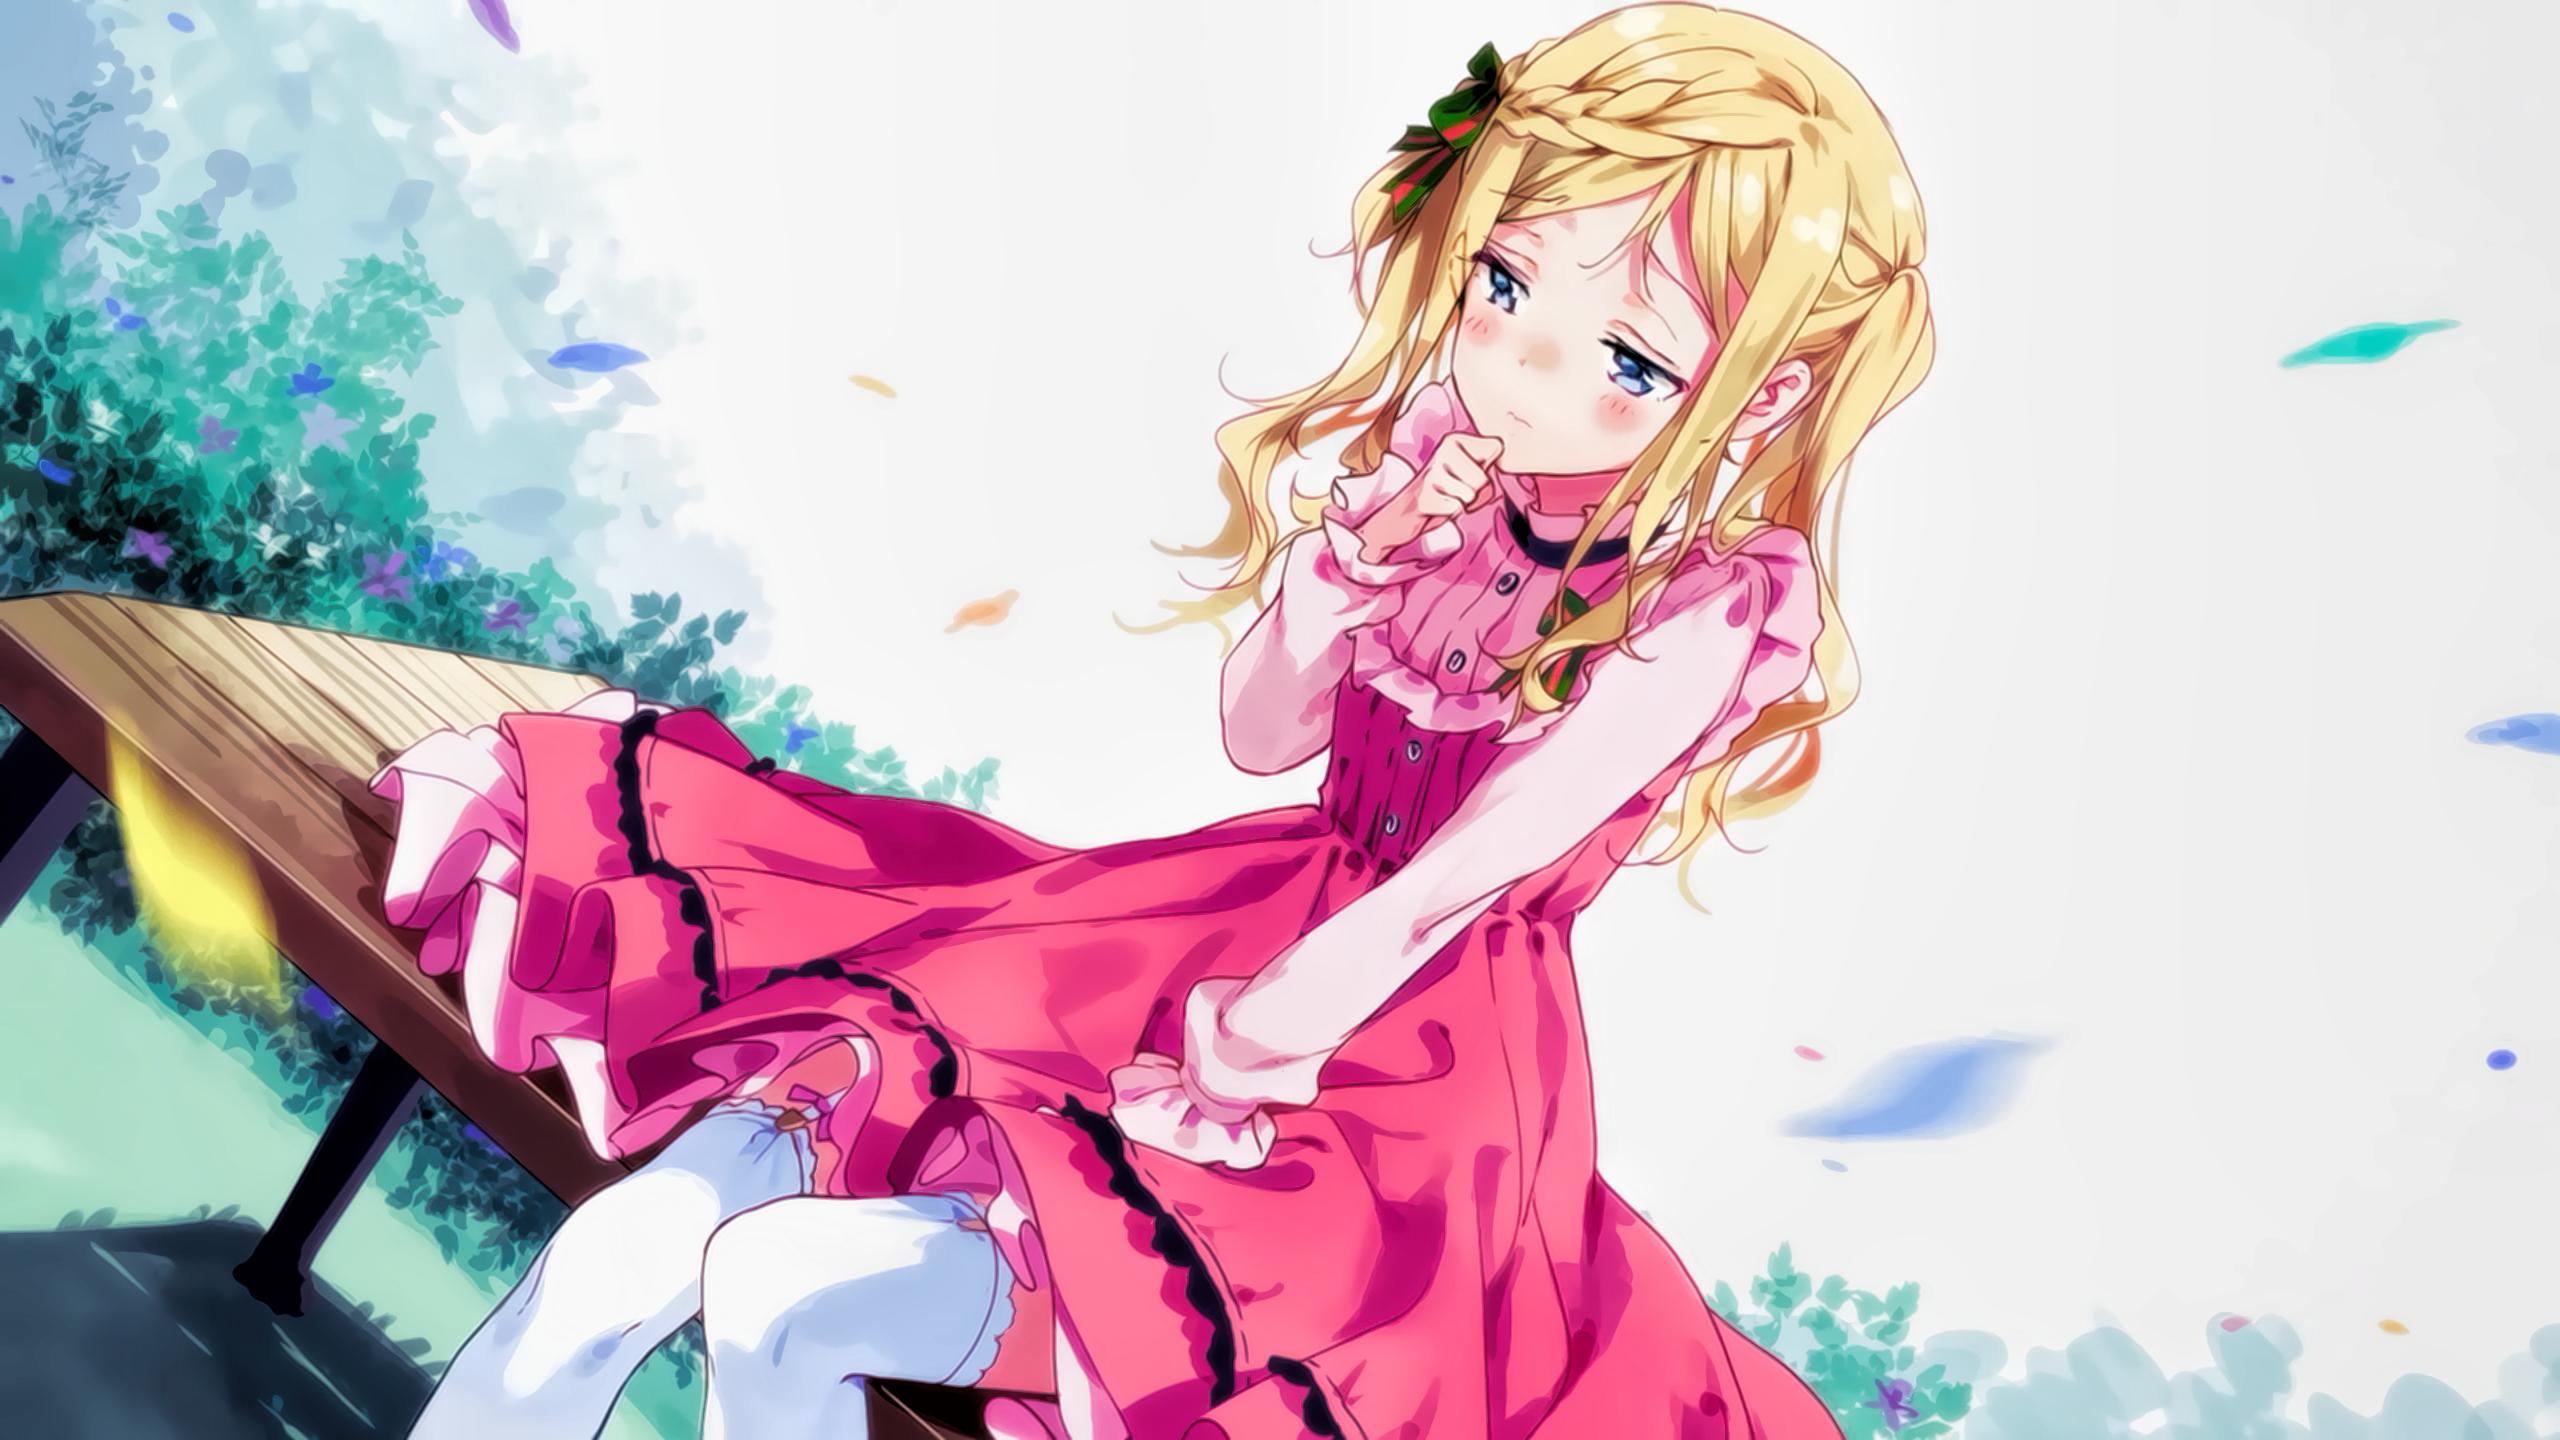 Anime EroManga Sensei 2560x1440